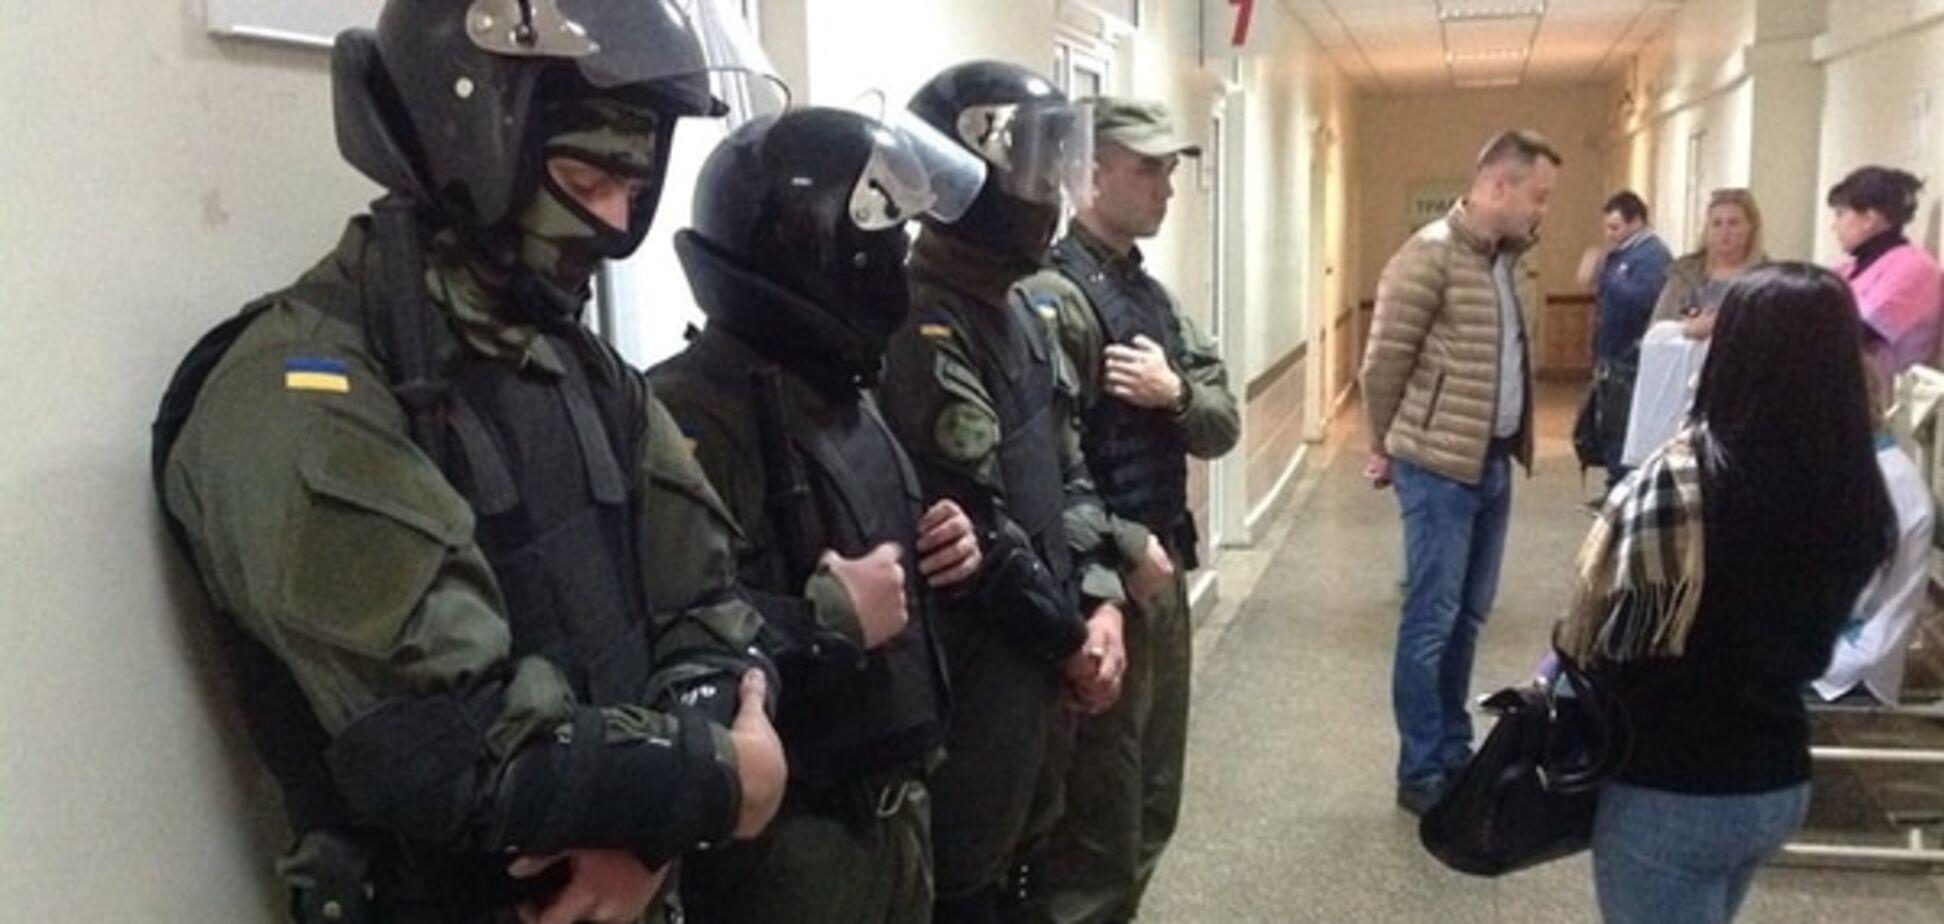 Мосійчук залишився в реанімації. Медики відмовилися давати коментарі